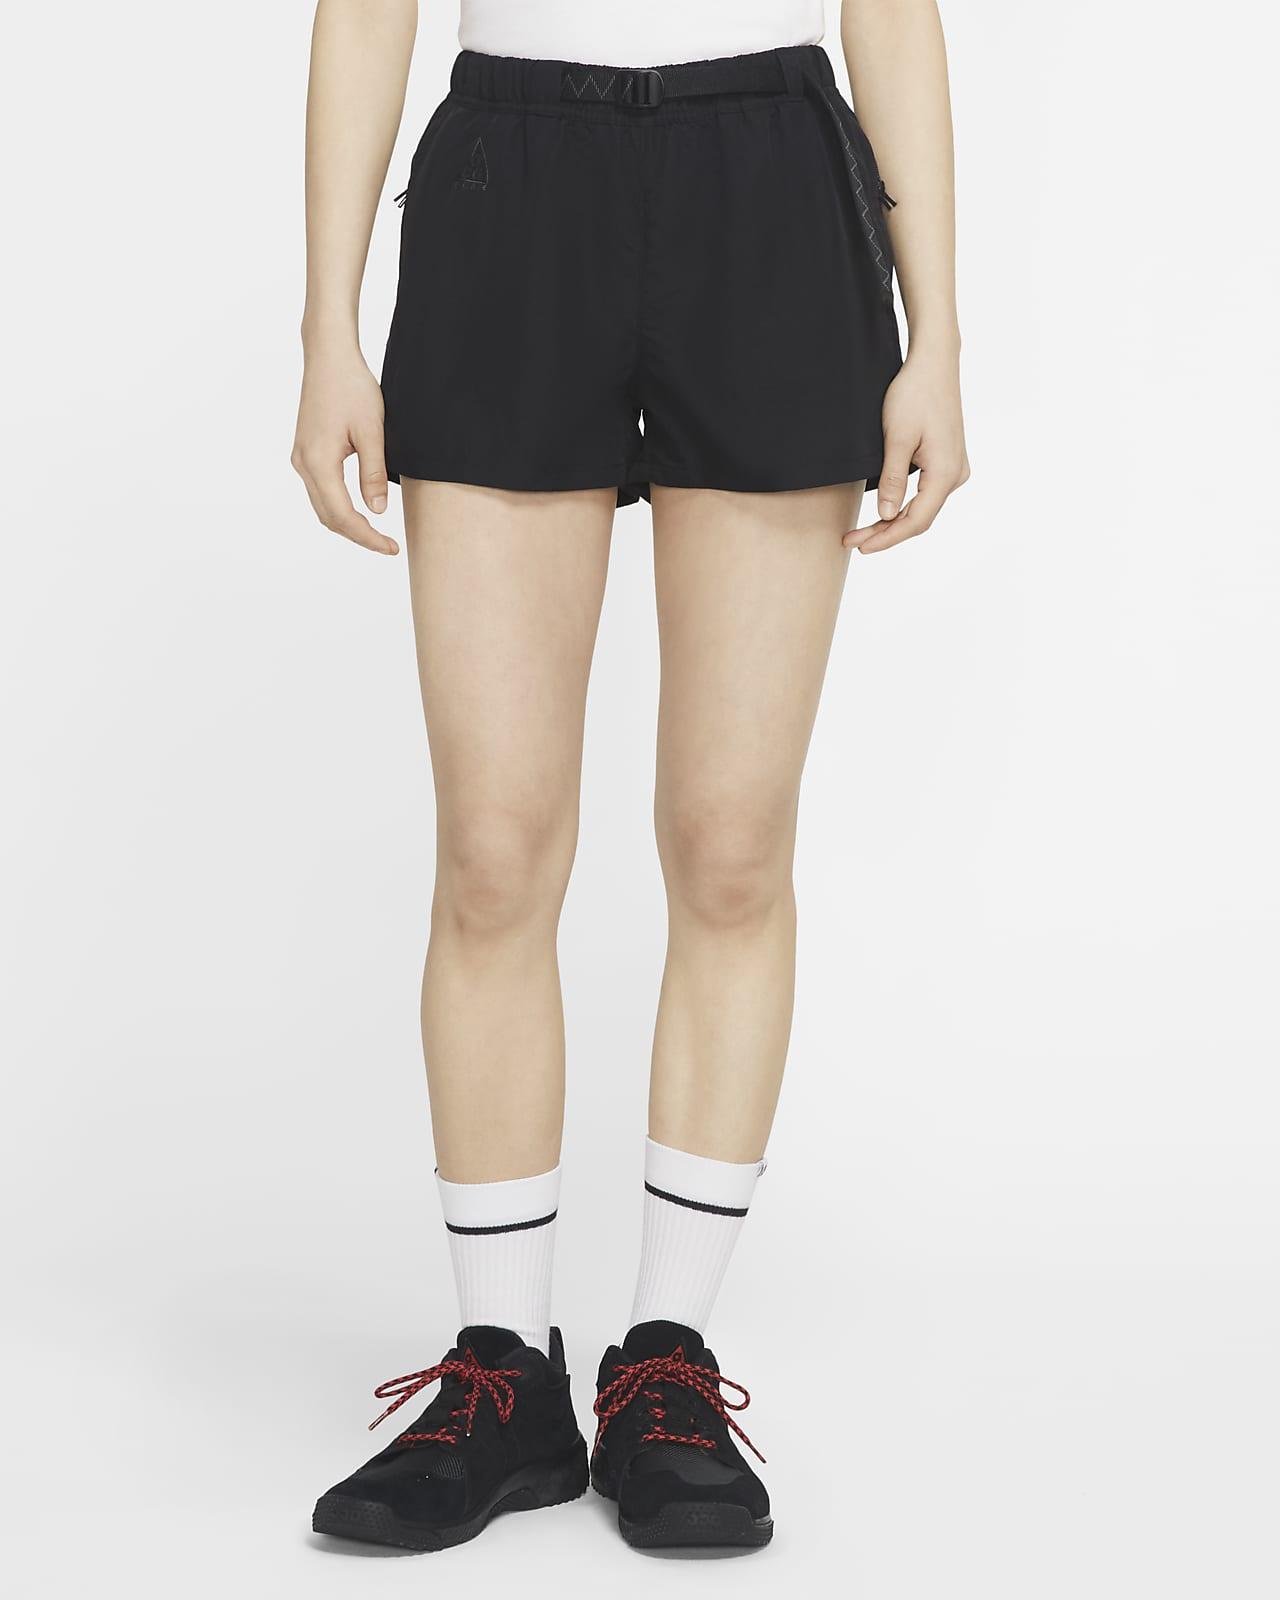 กางเกงขาสั้นผู้หญิงแบบทอ Nike ACG